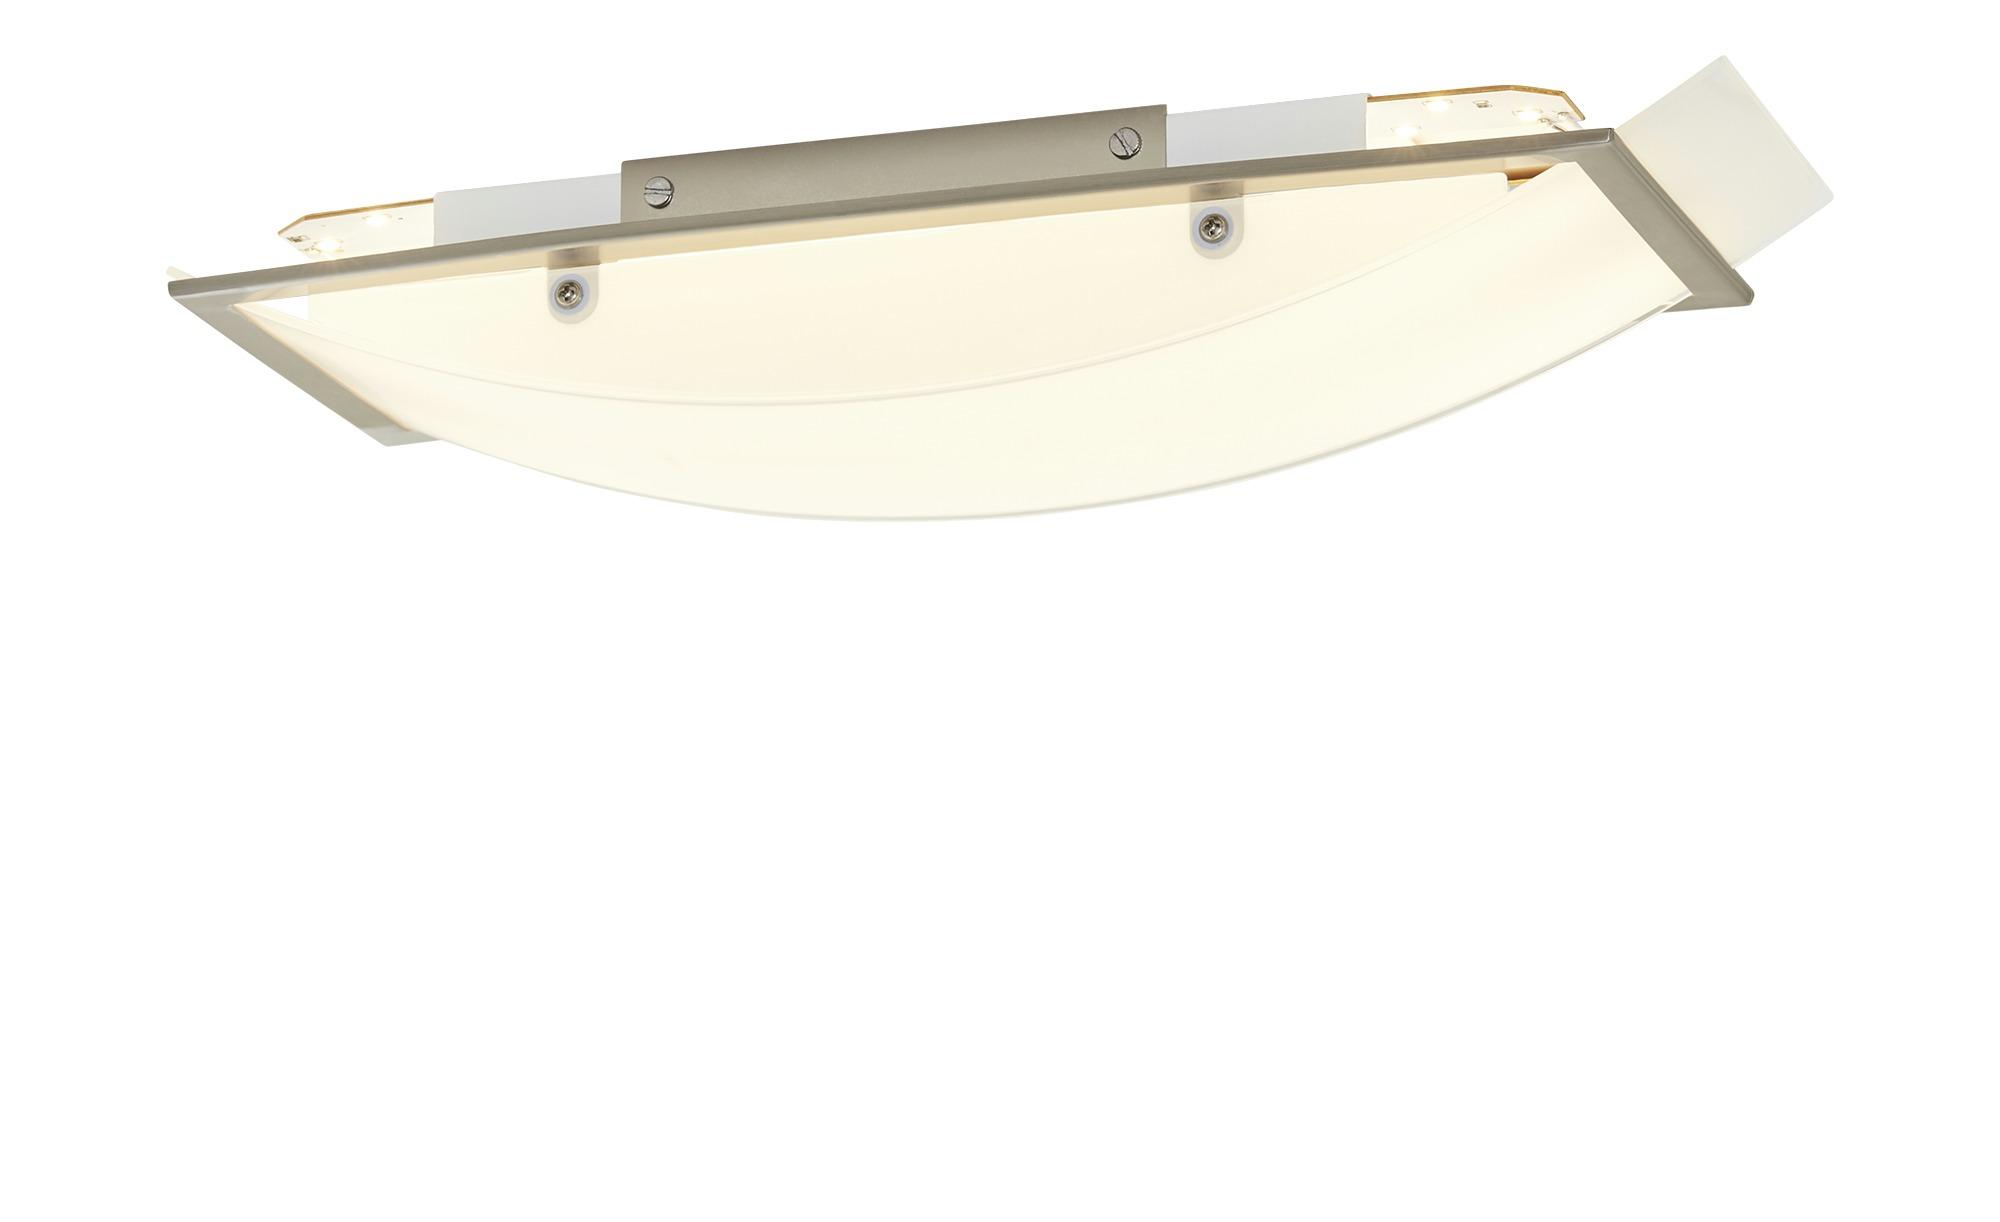 KHG LED-Deckenleuchte, Weiß ¦ silber ¦ Maße (cm): B: 15 H: 8 Lampen & Leuchten > Innenleuchten > Deckenleuchten - Höffner